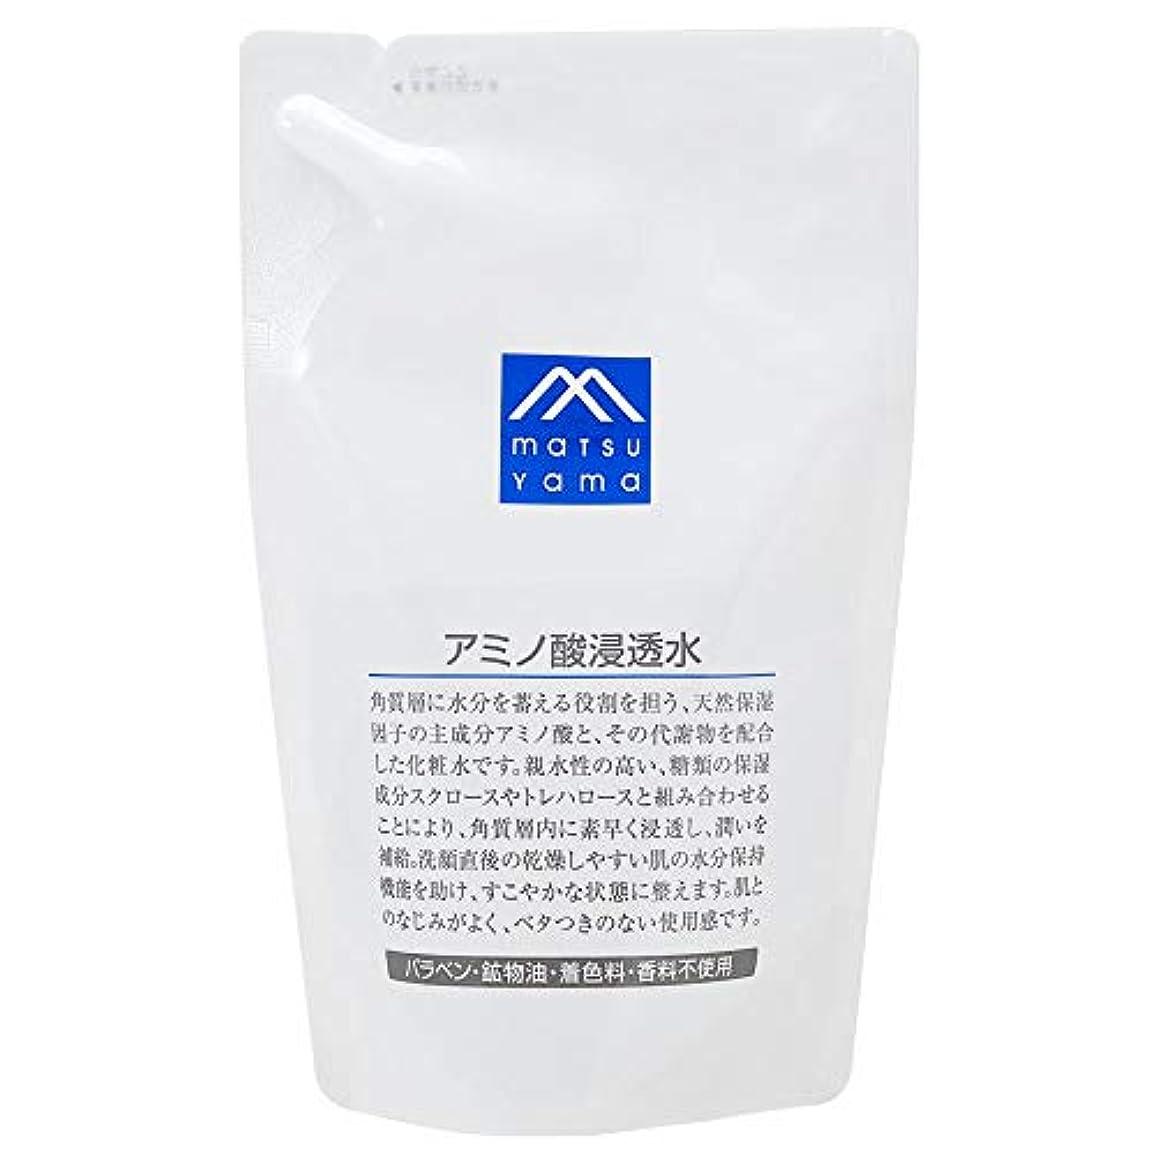 ゴミ箱スカルク版Mマーク(M-mark) アミノ酸浸透水 詰替用 化粧水 190mL